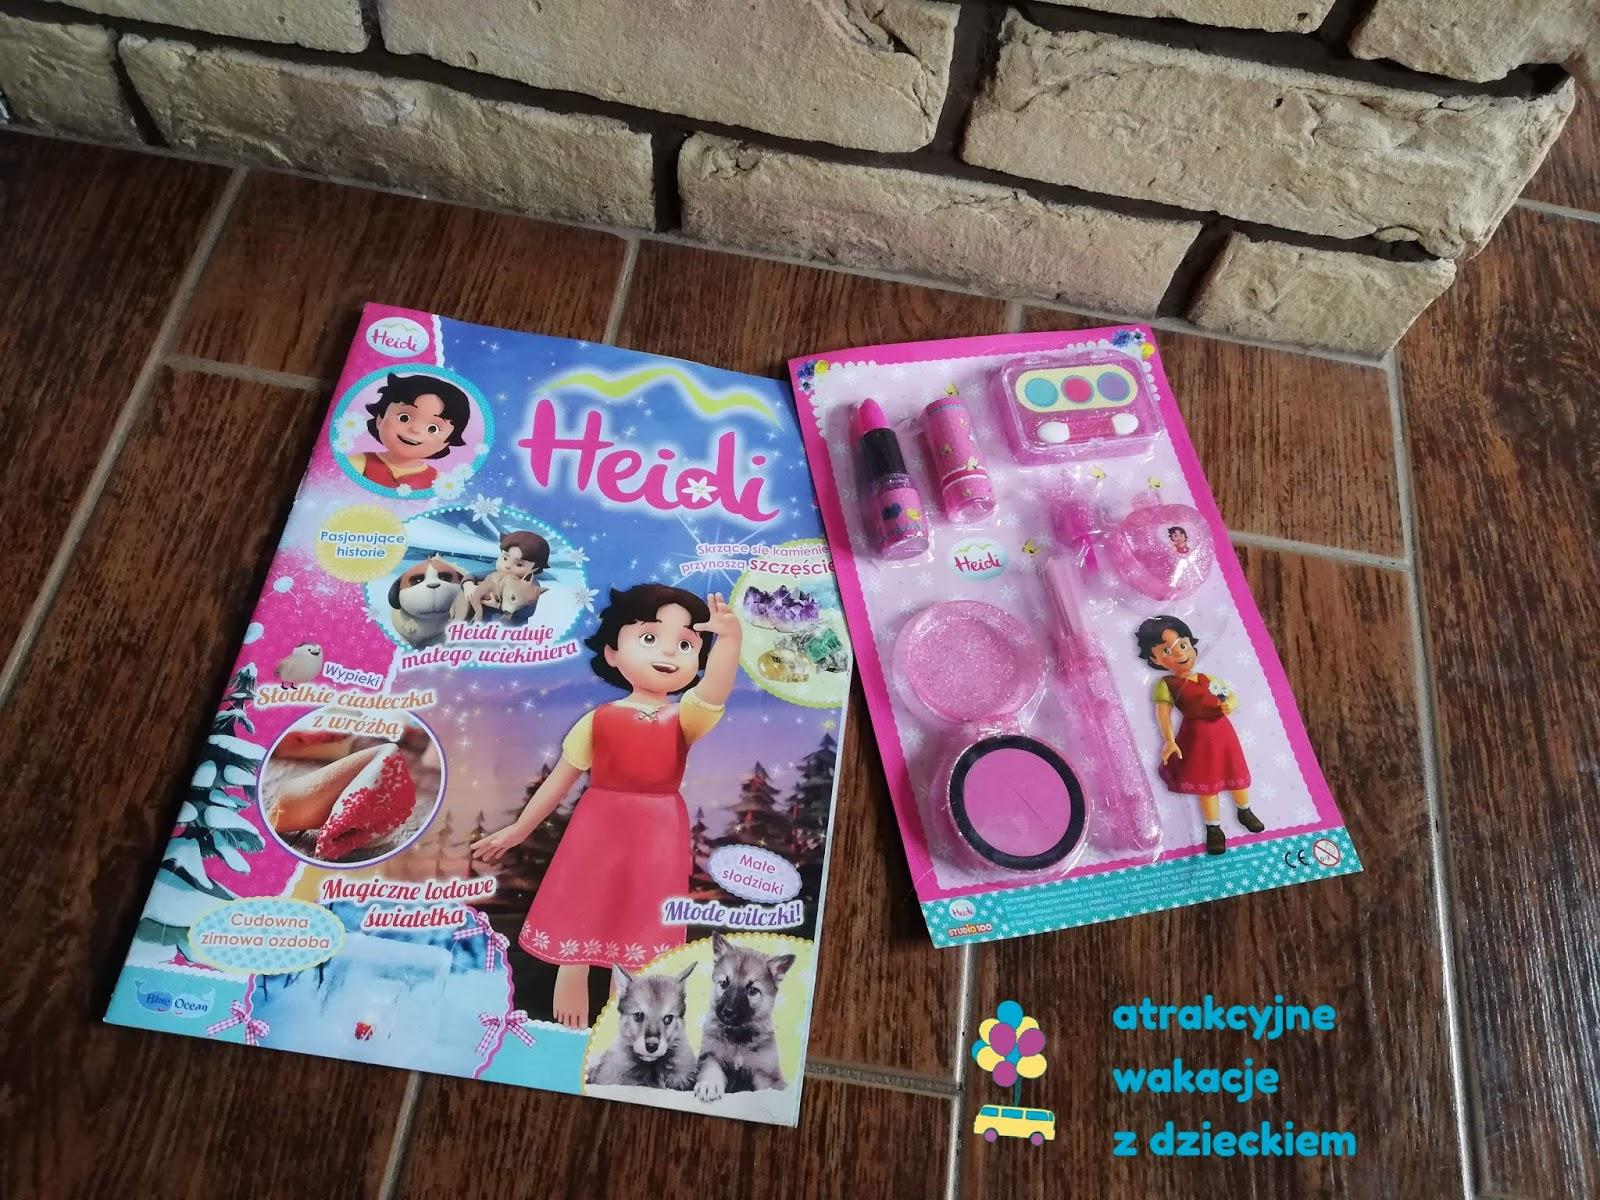 Gazetka dla dzieci